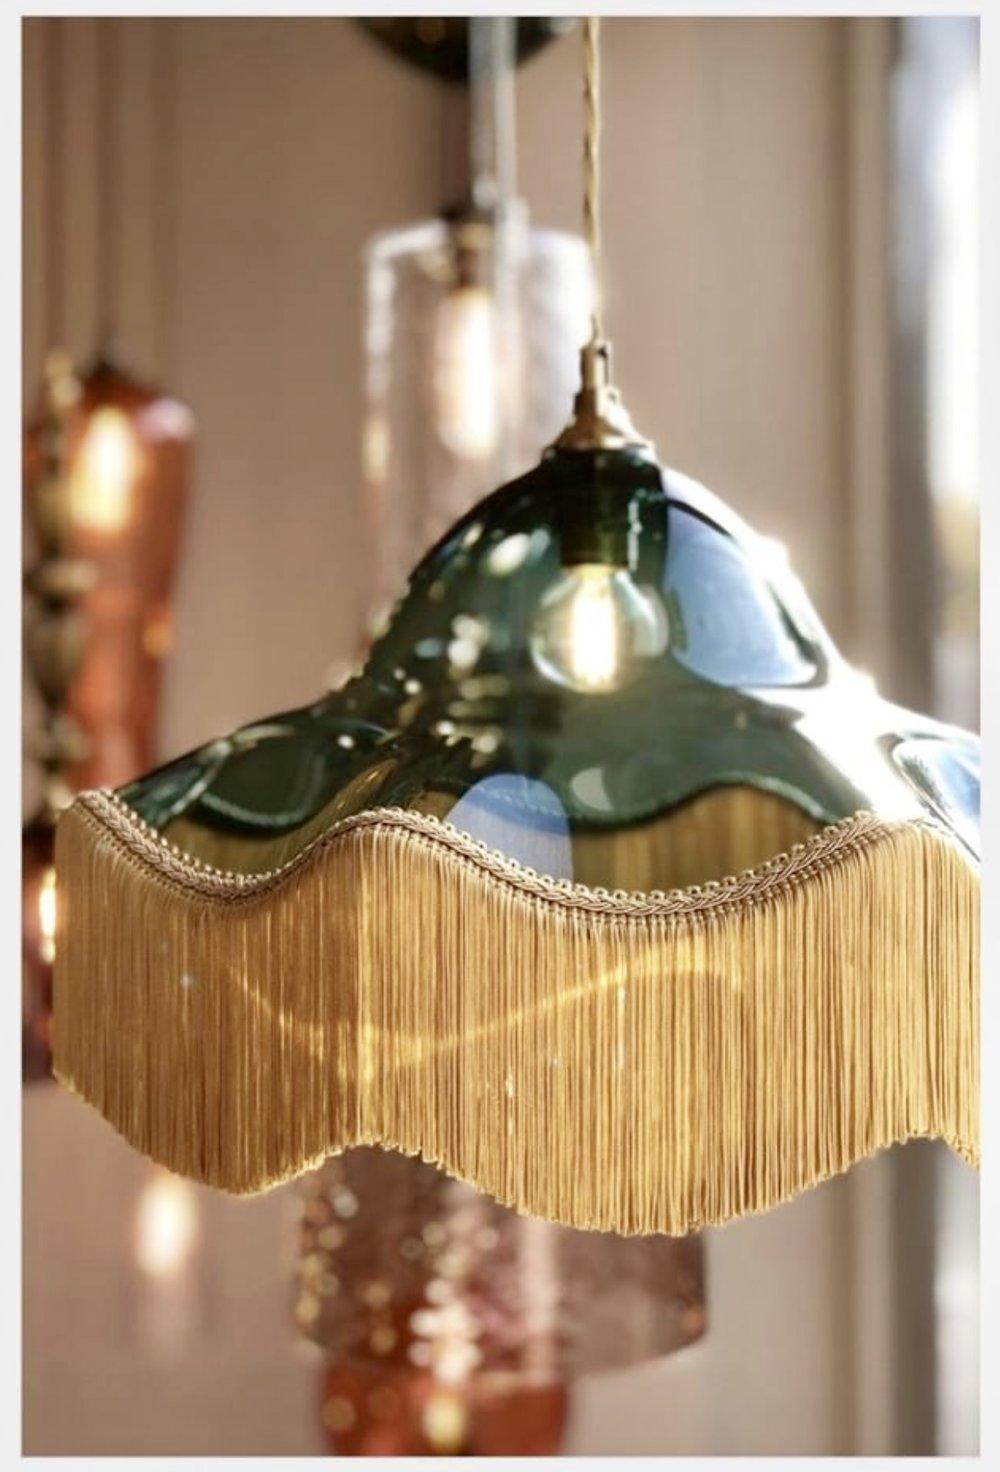 Vintage Light  - Rothschild & Bickers £605